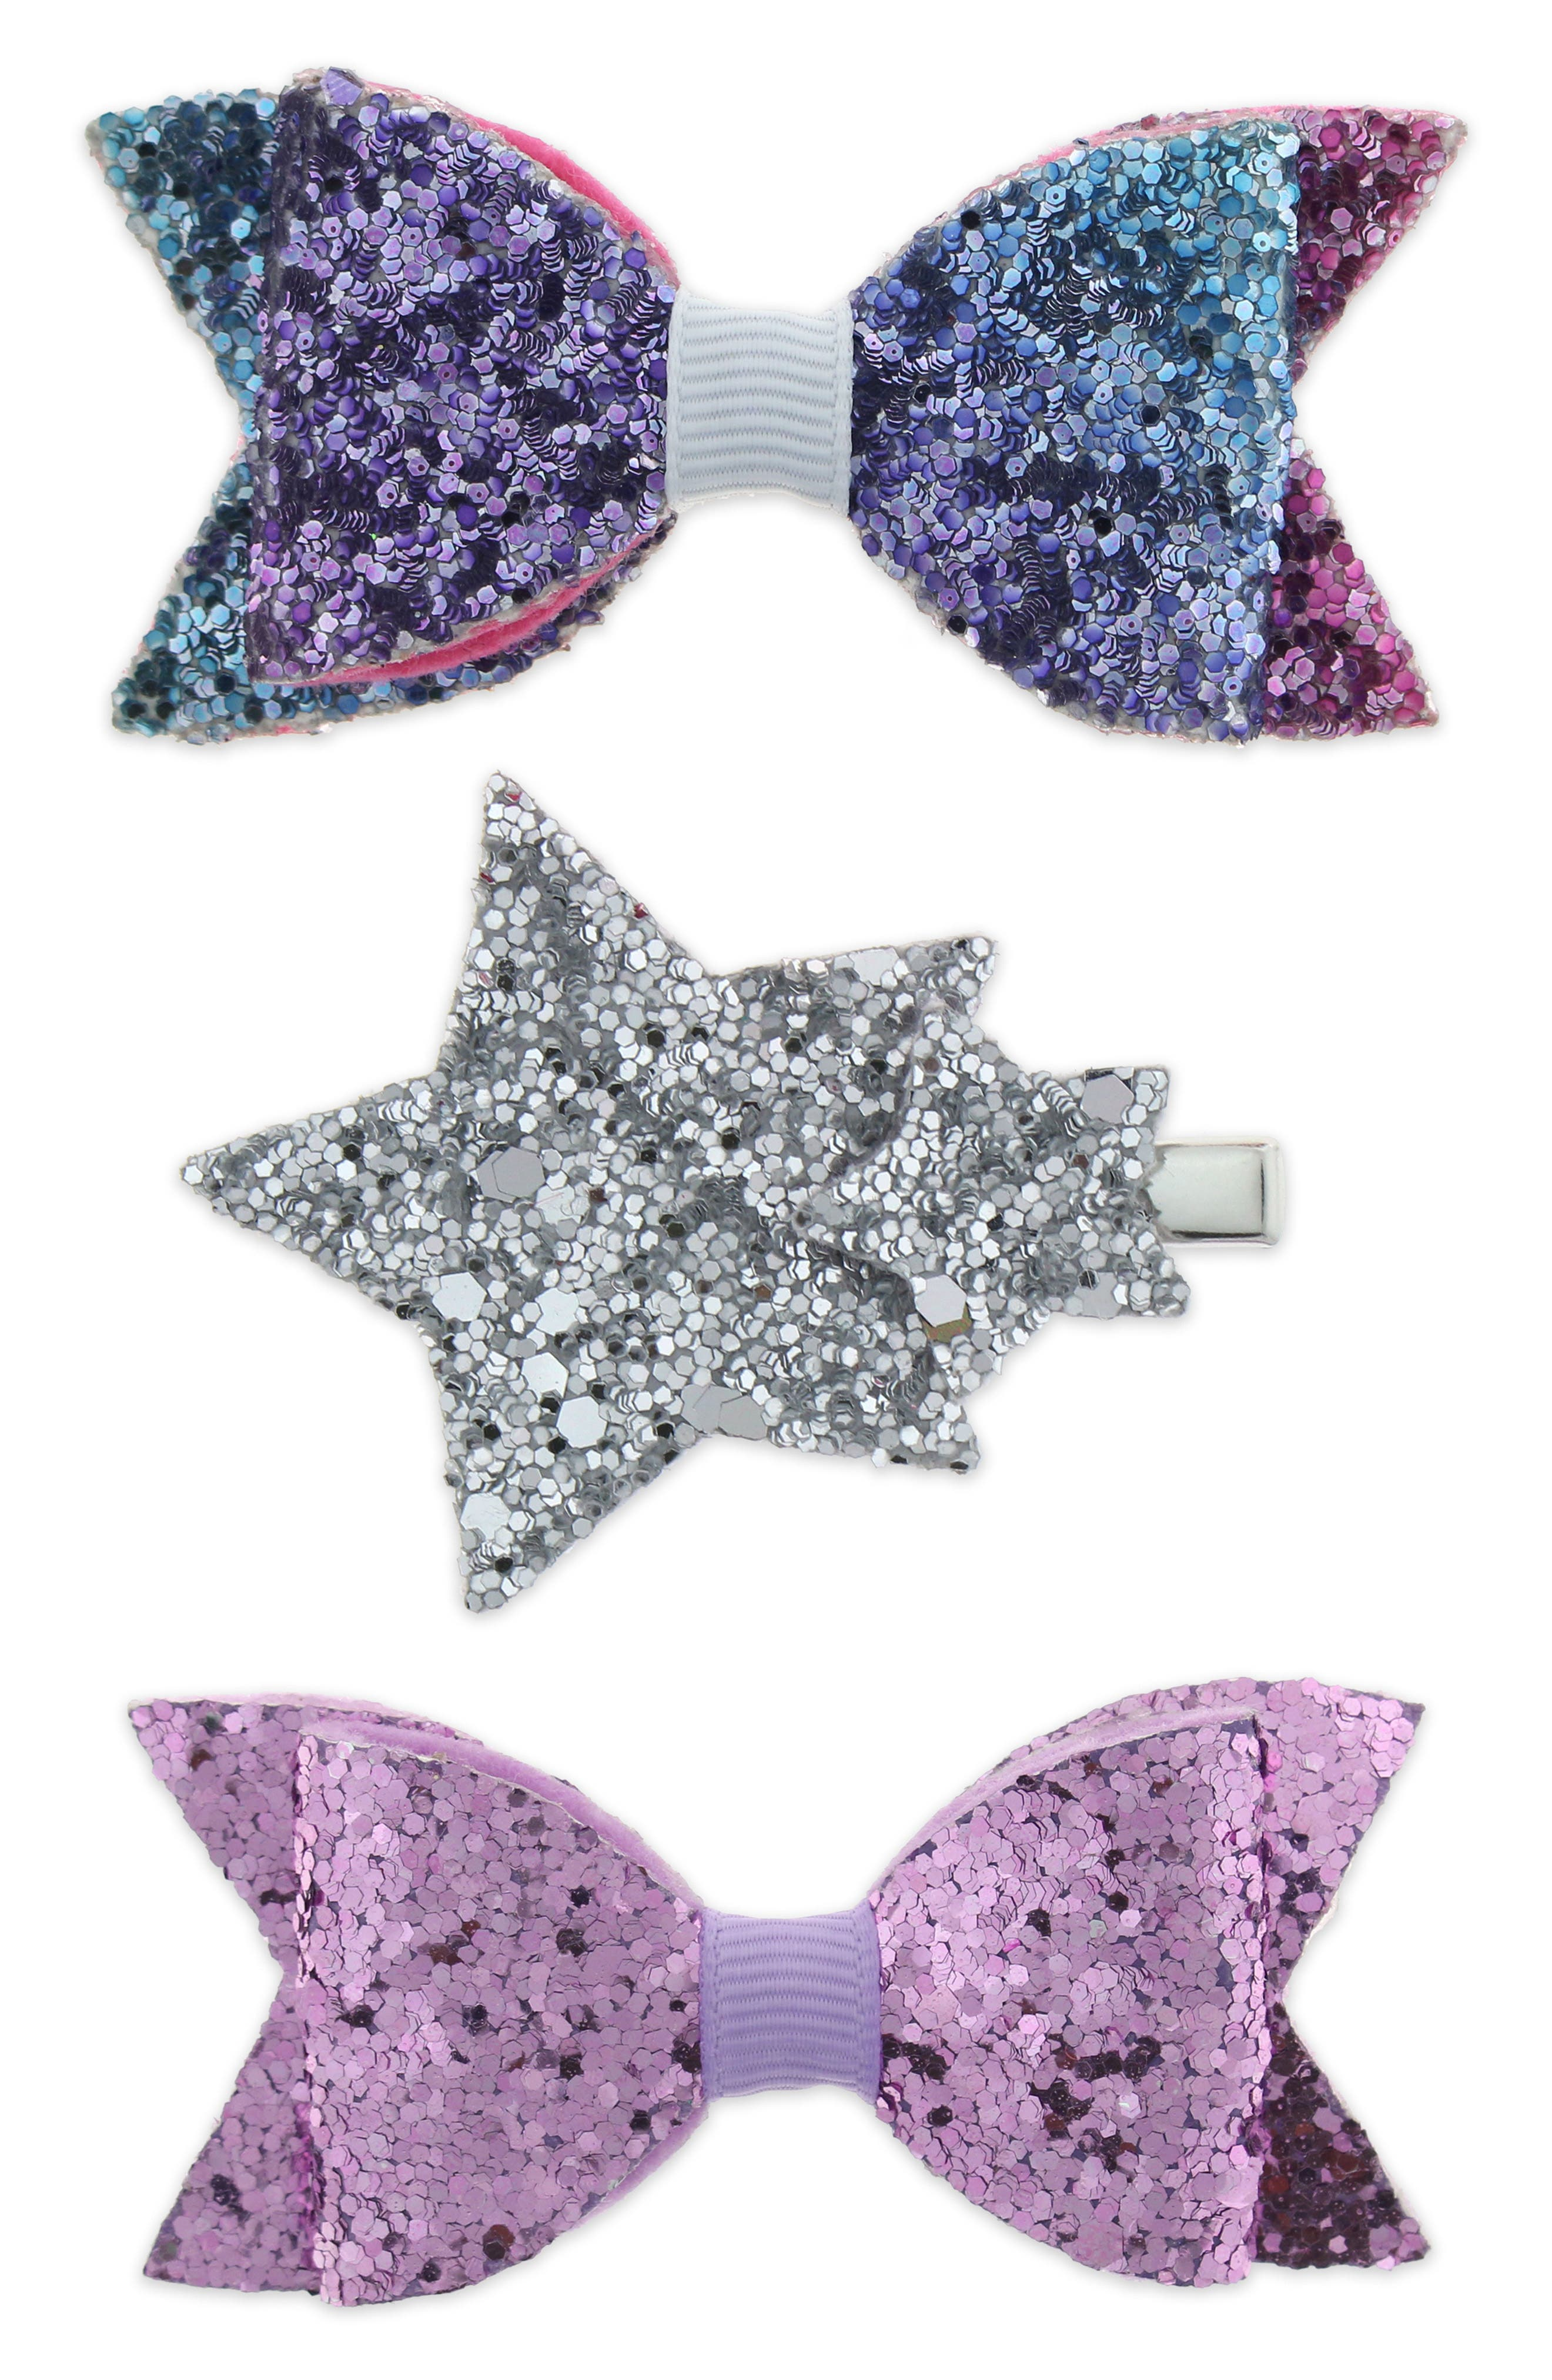 Glitter Bow Star 3-Piece Hair Clip Set,                         Main,                         color, MULTI RAINBOW COMBO